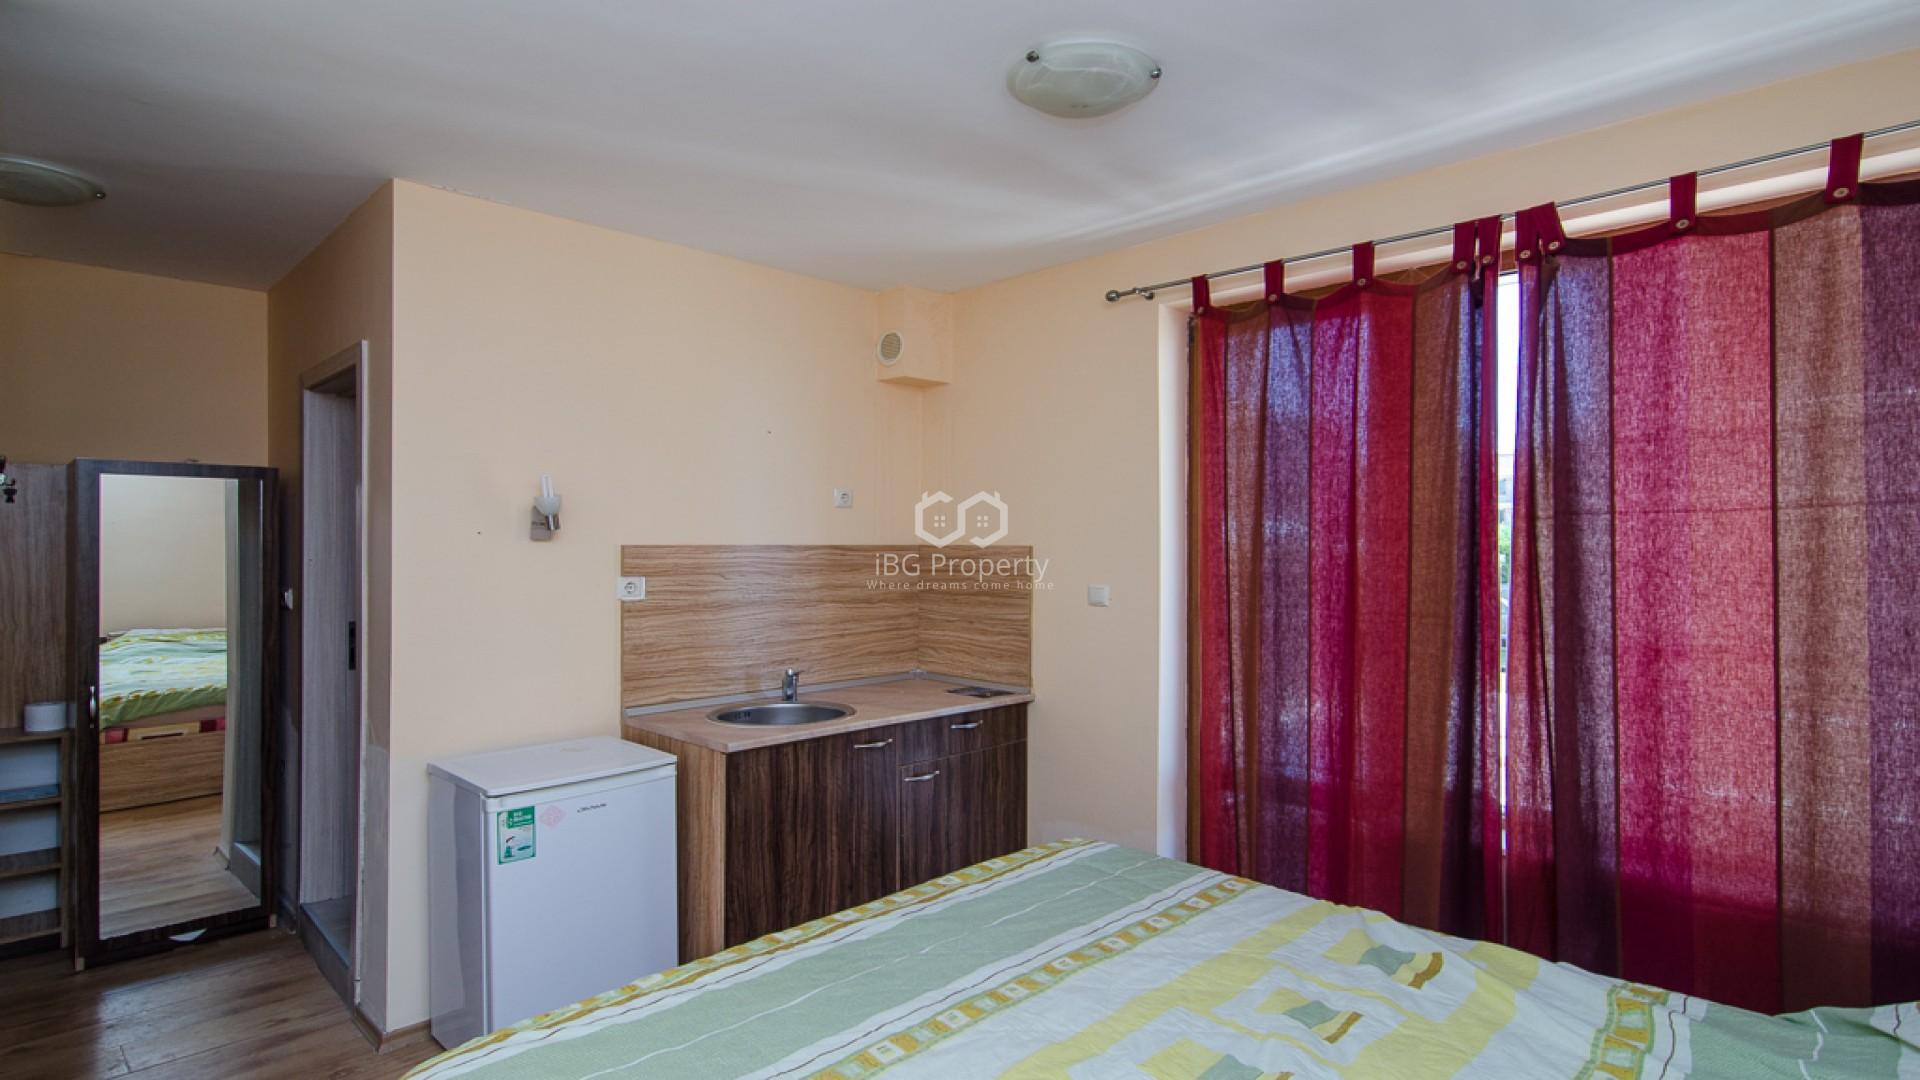 Едностаен апартамент Бяла 24 m2